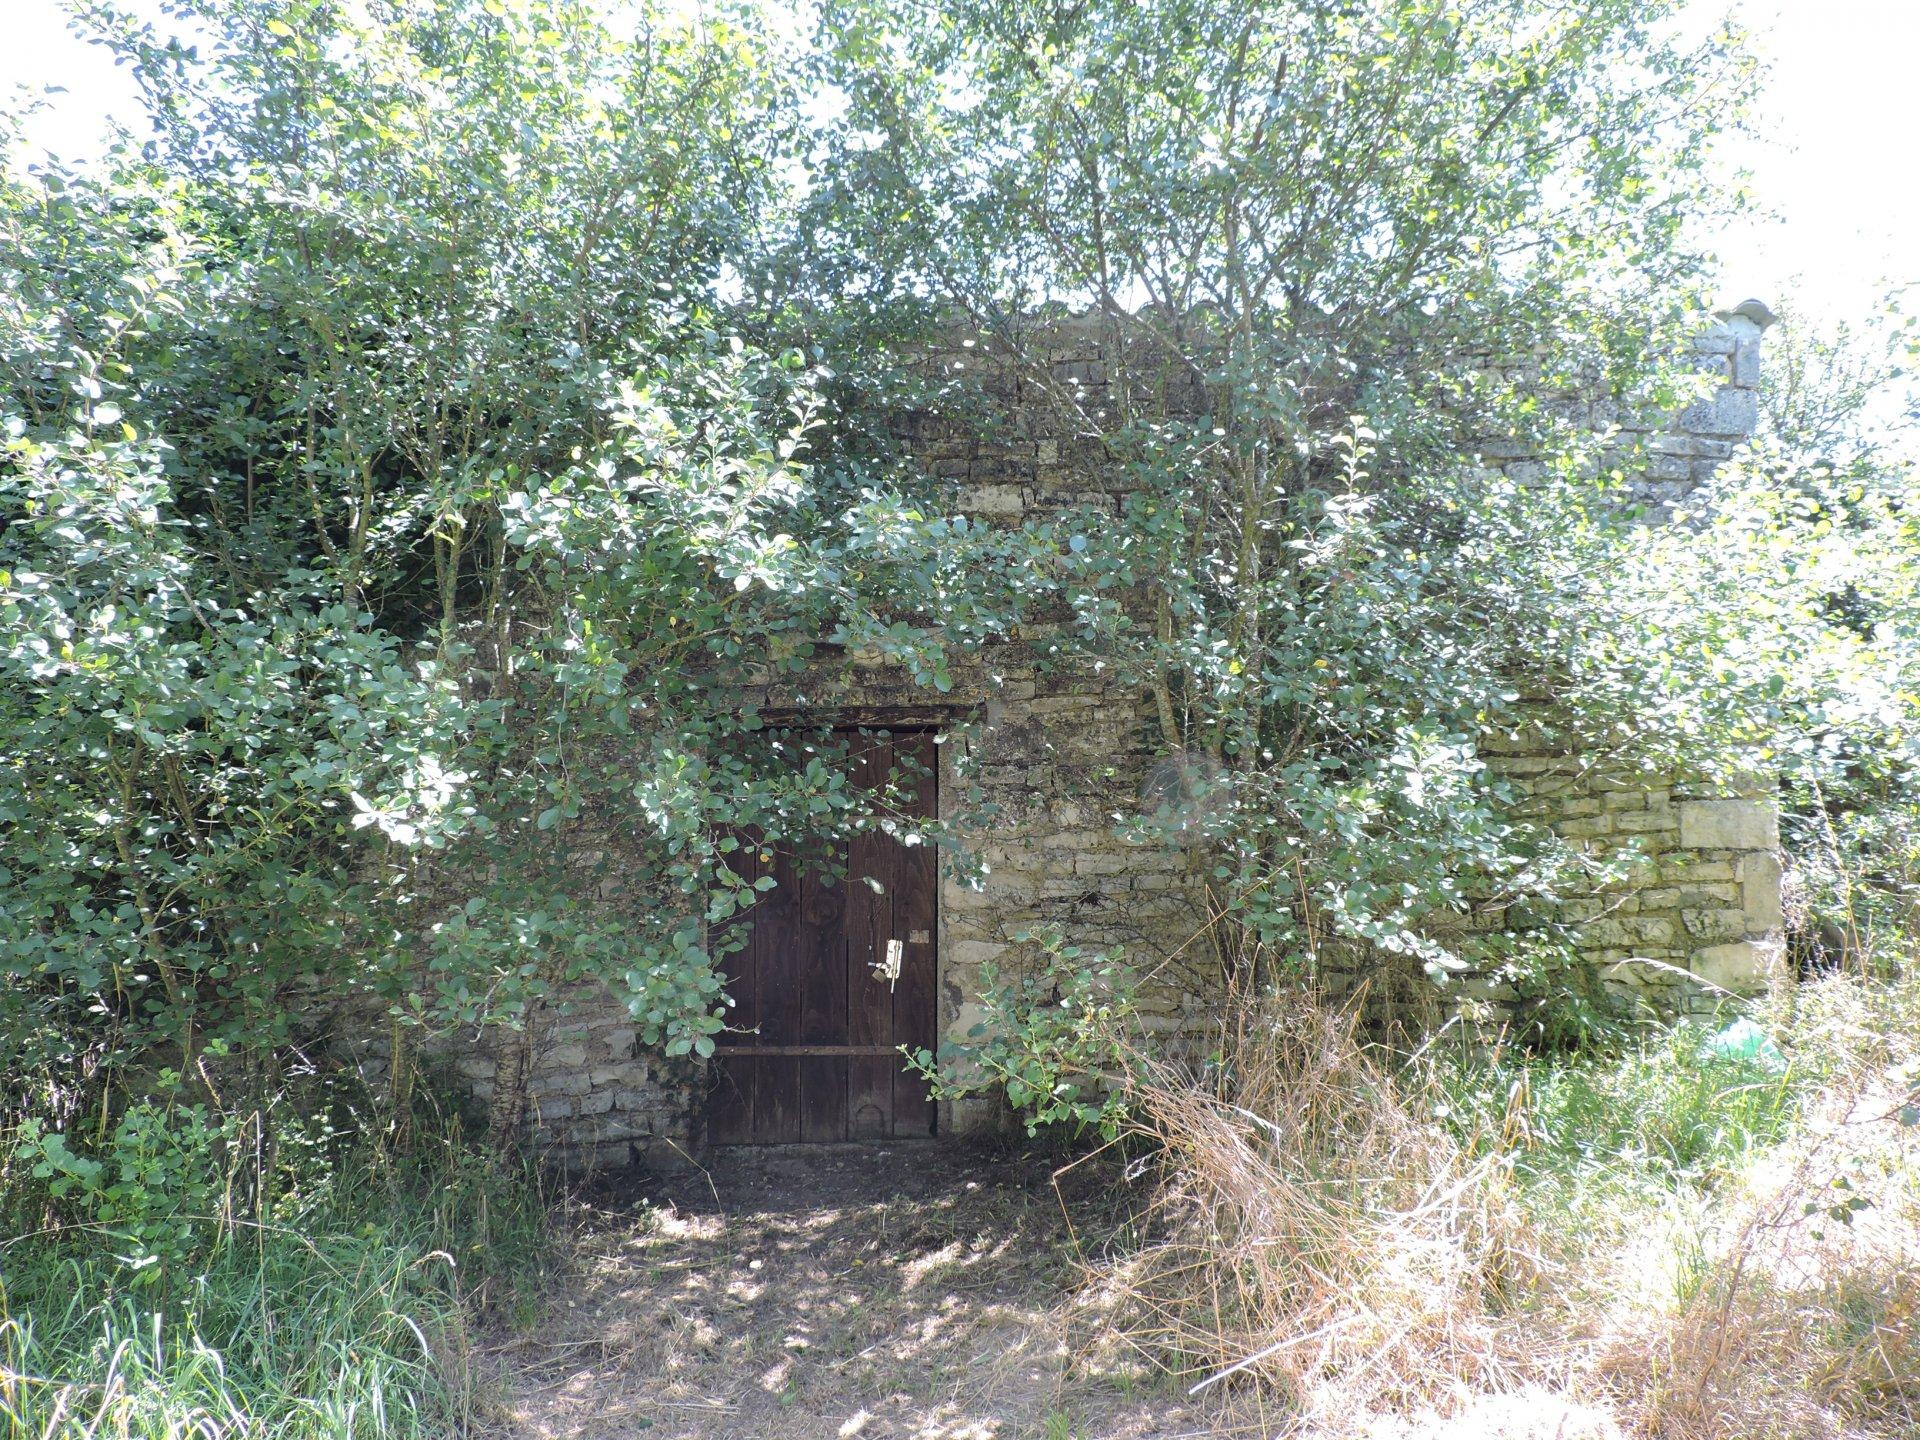 Maison 115m²  avec jardin à 5 min de Mansle